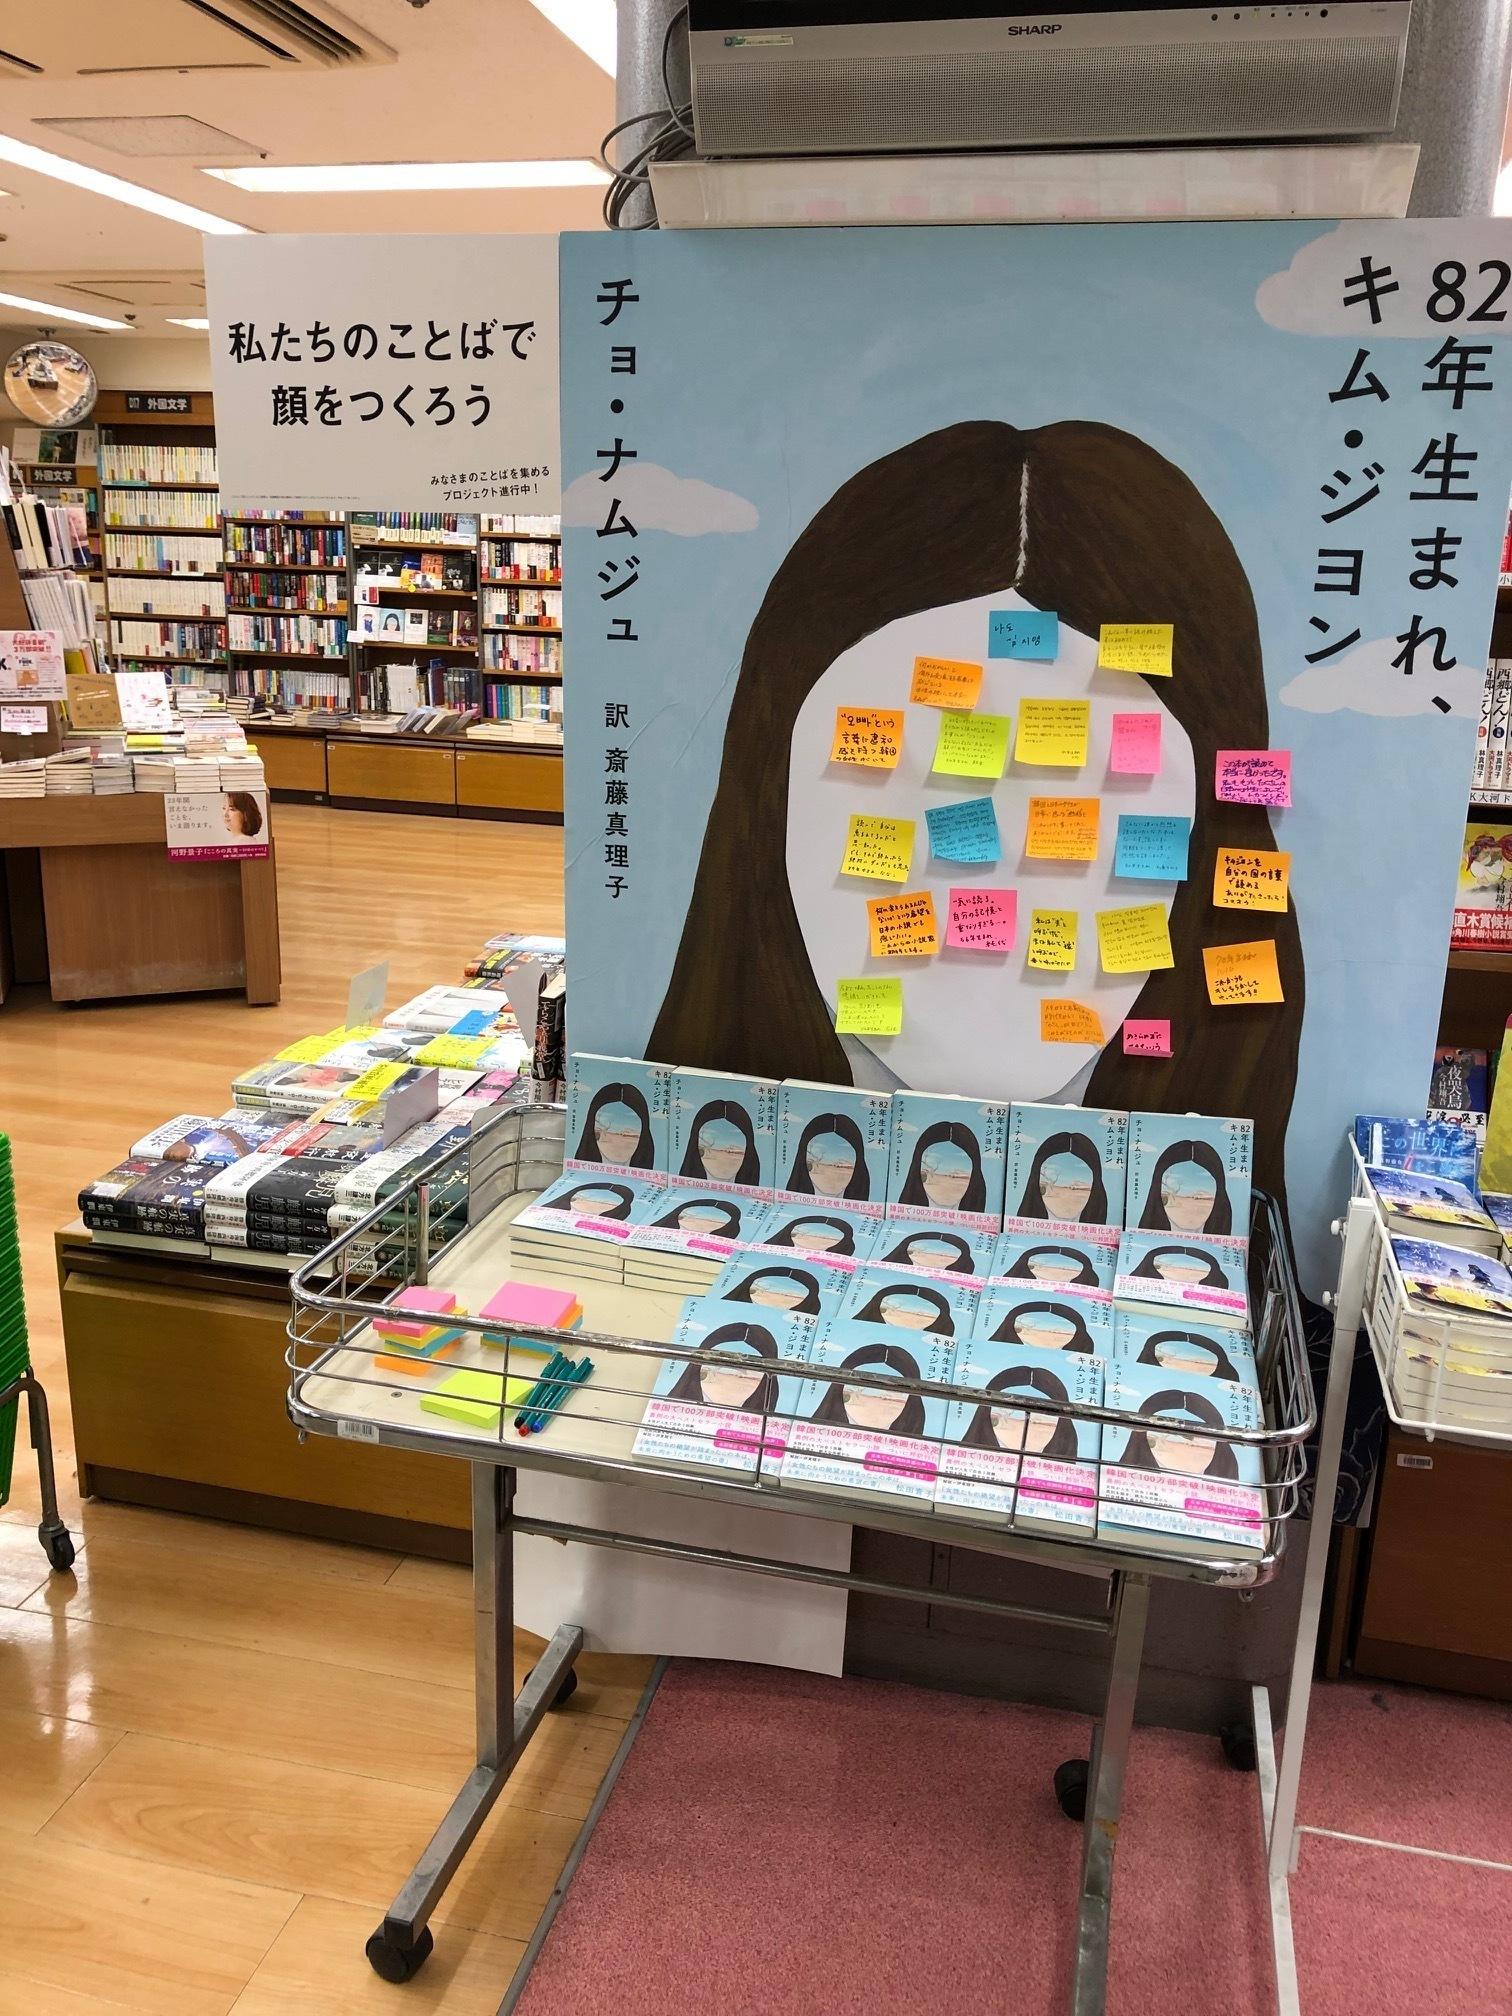 3月8日 国際女性デーを前に書店店頭も盛り上がり 異例の大ヒット小説 ...